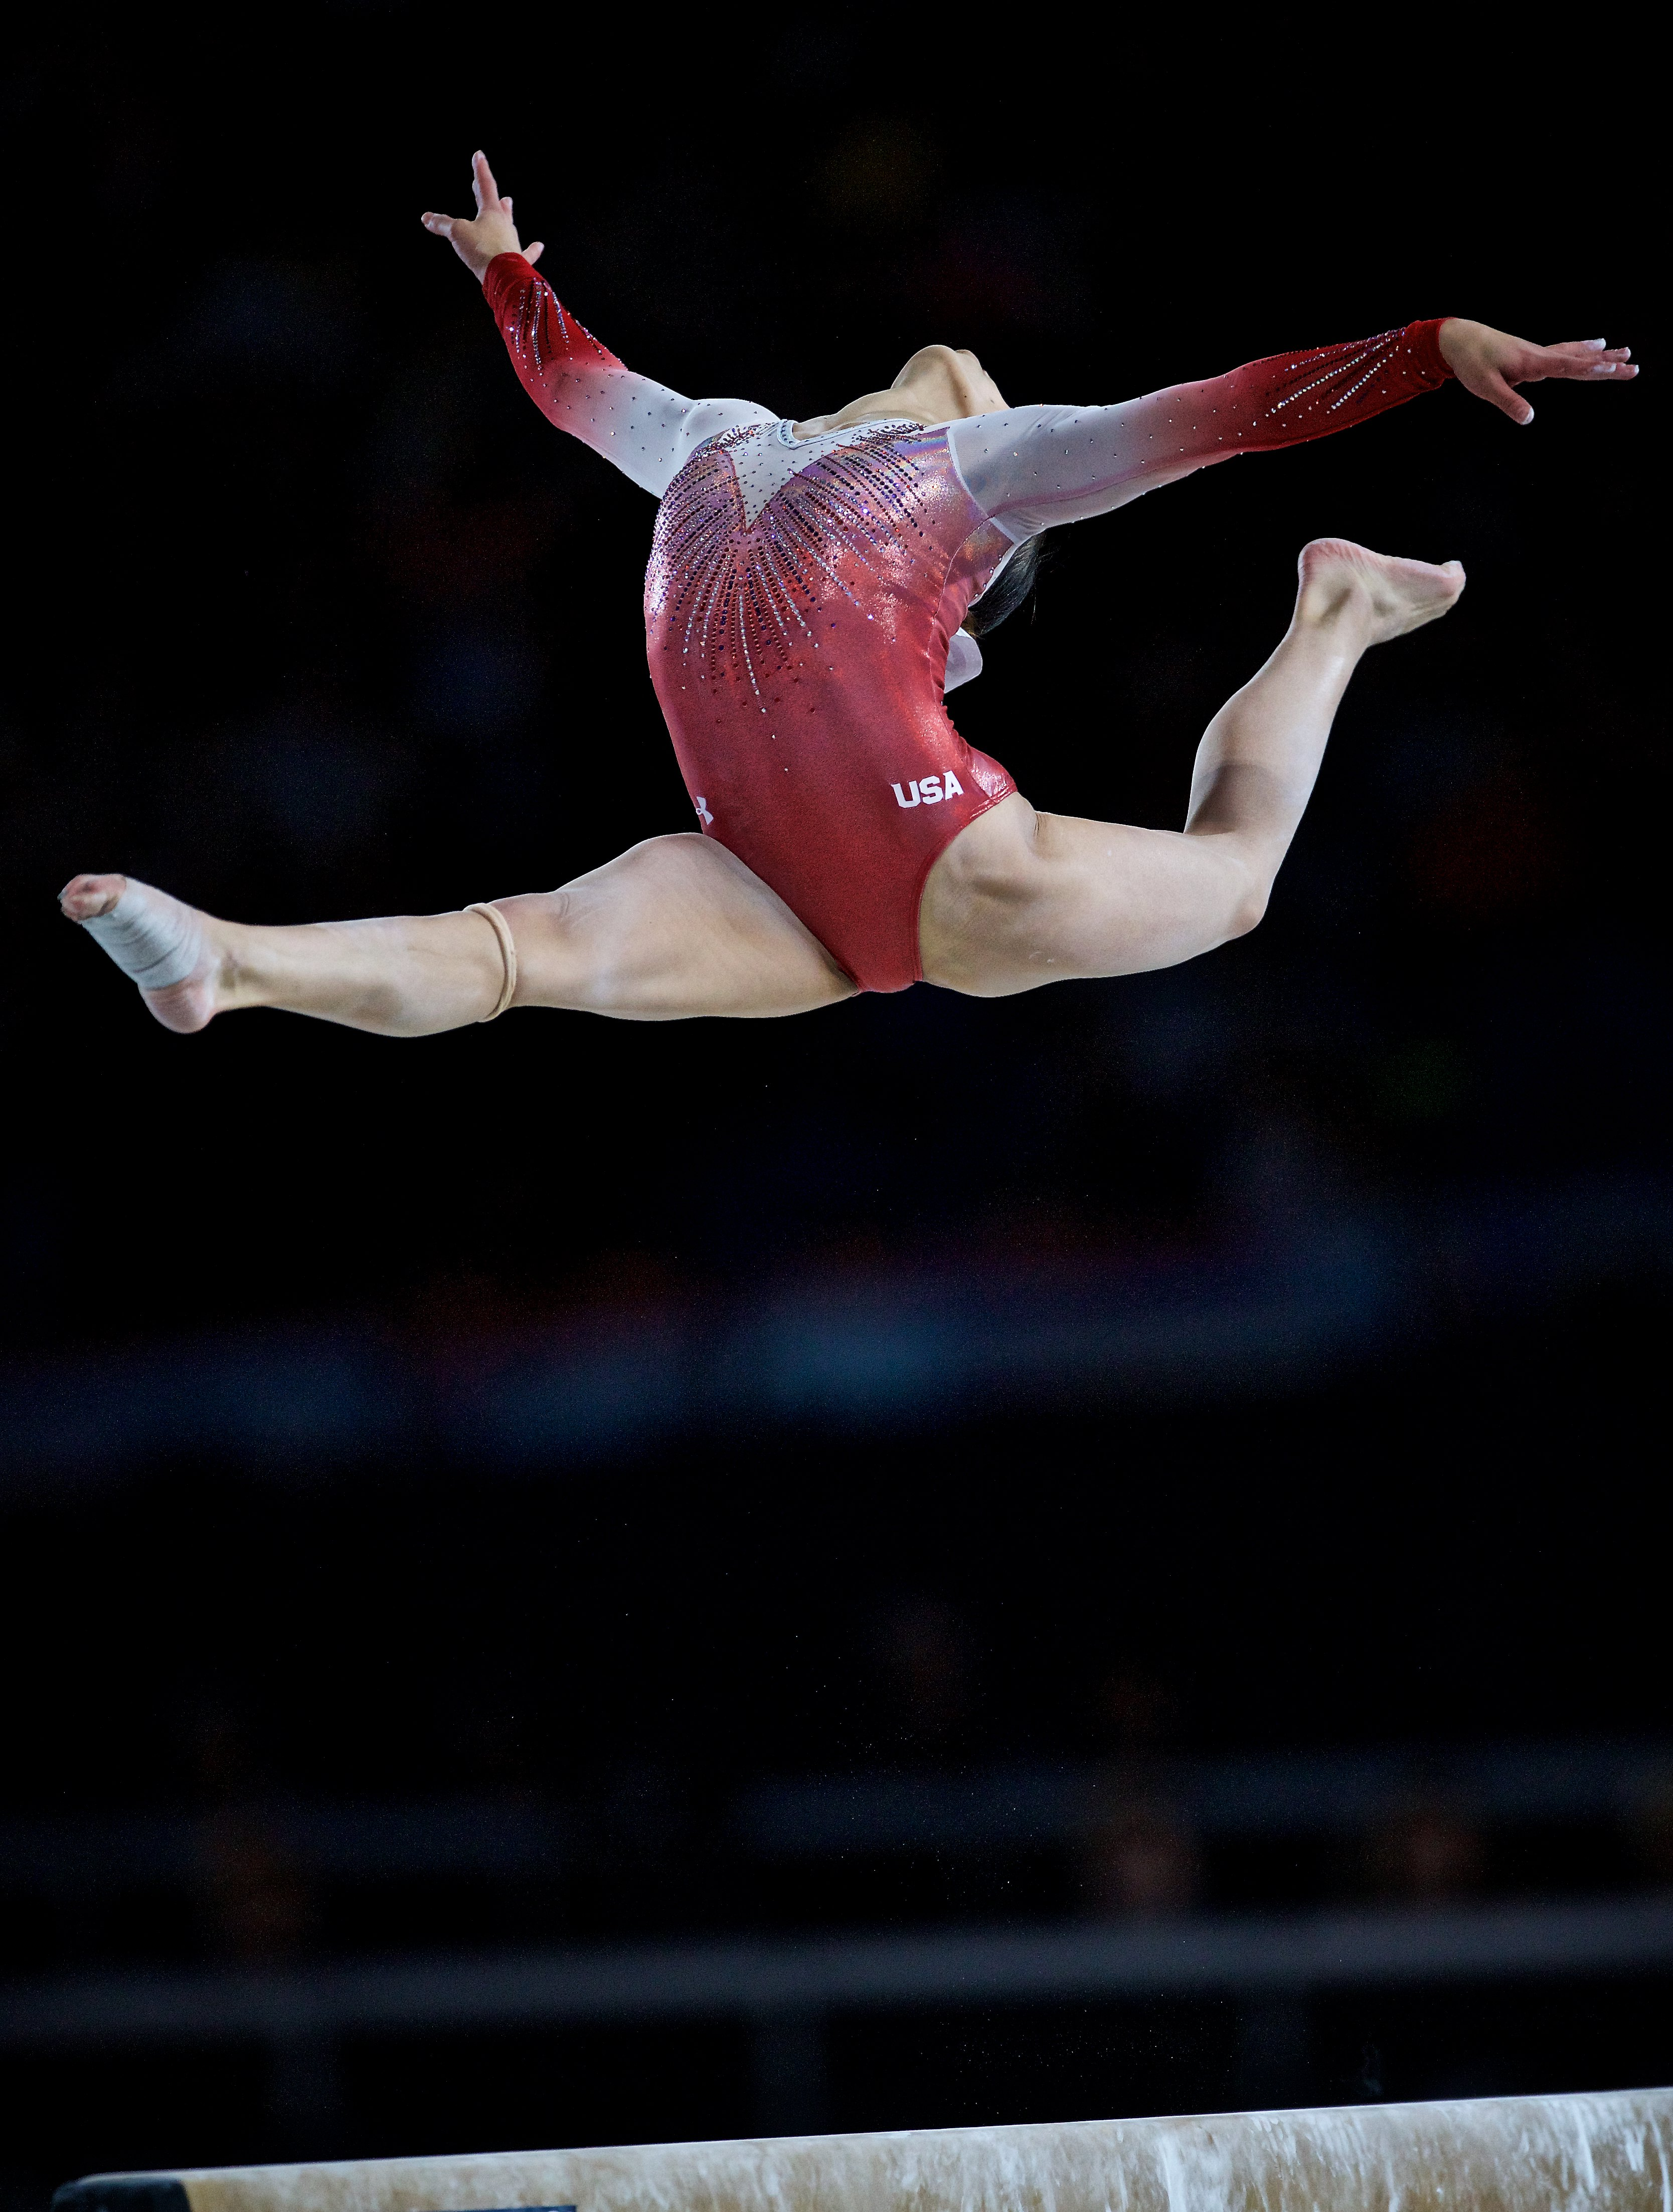 華裔少女吳穎思(Morgan Hurd) 8日在體操世錦賽單項平衡木比賽中,再奪得一面銀牌。(歐新社)